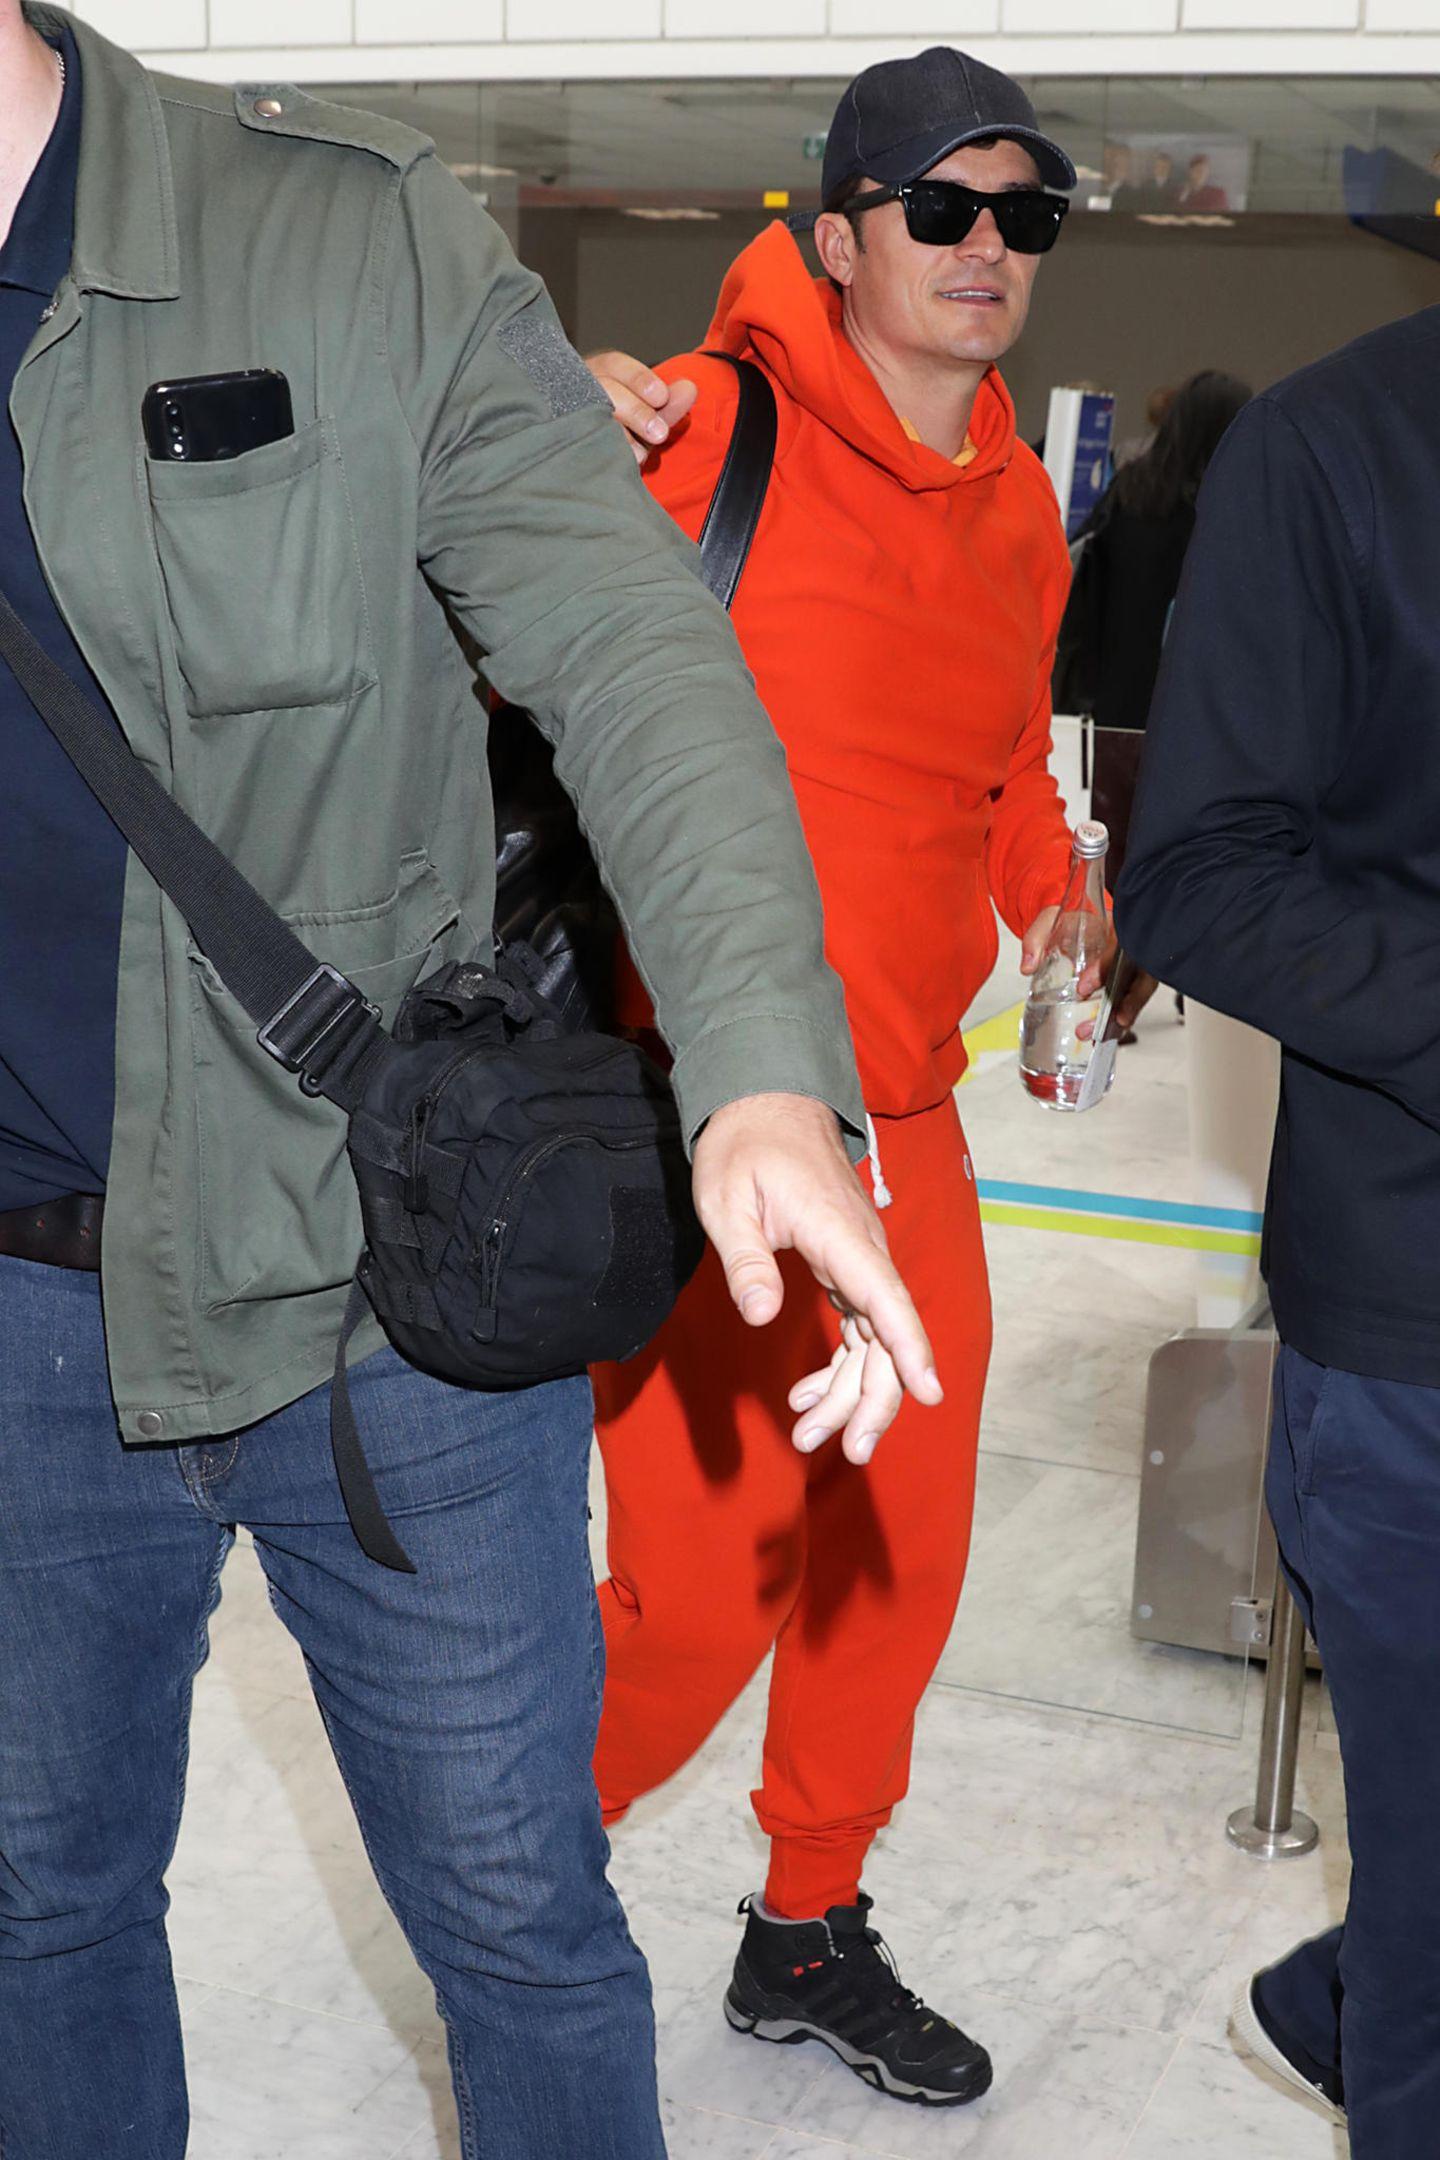 Orlando Bloom versteckt sich am Flughafen von Nizza zwar hinter einer großen, schwarzen Sonnenbrille und trägt sein Basecap tief ins Gesicht gezogen – erkannt haben ihn Paparazzi aber trotzdem. In einem knallroten Trainingsanzug und bequemen Sneakerngeht es fürden Hollywood-Star zum Check-in, bevor er den Heimflug zurück in die USA antreten kann.